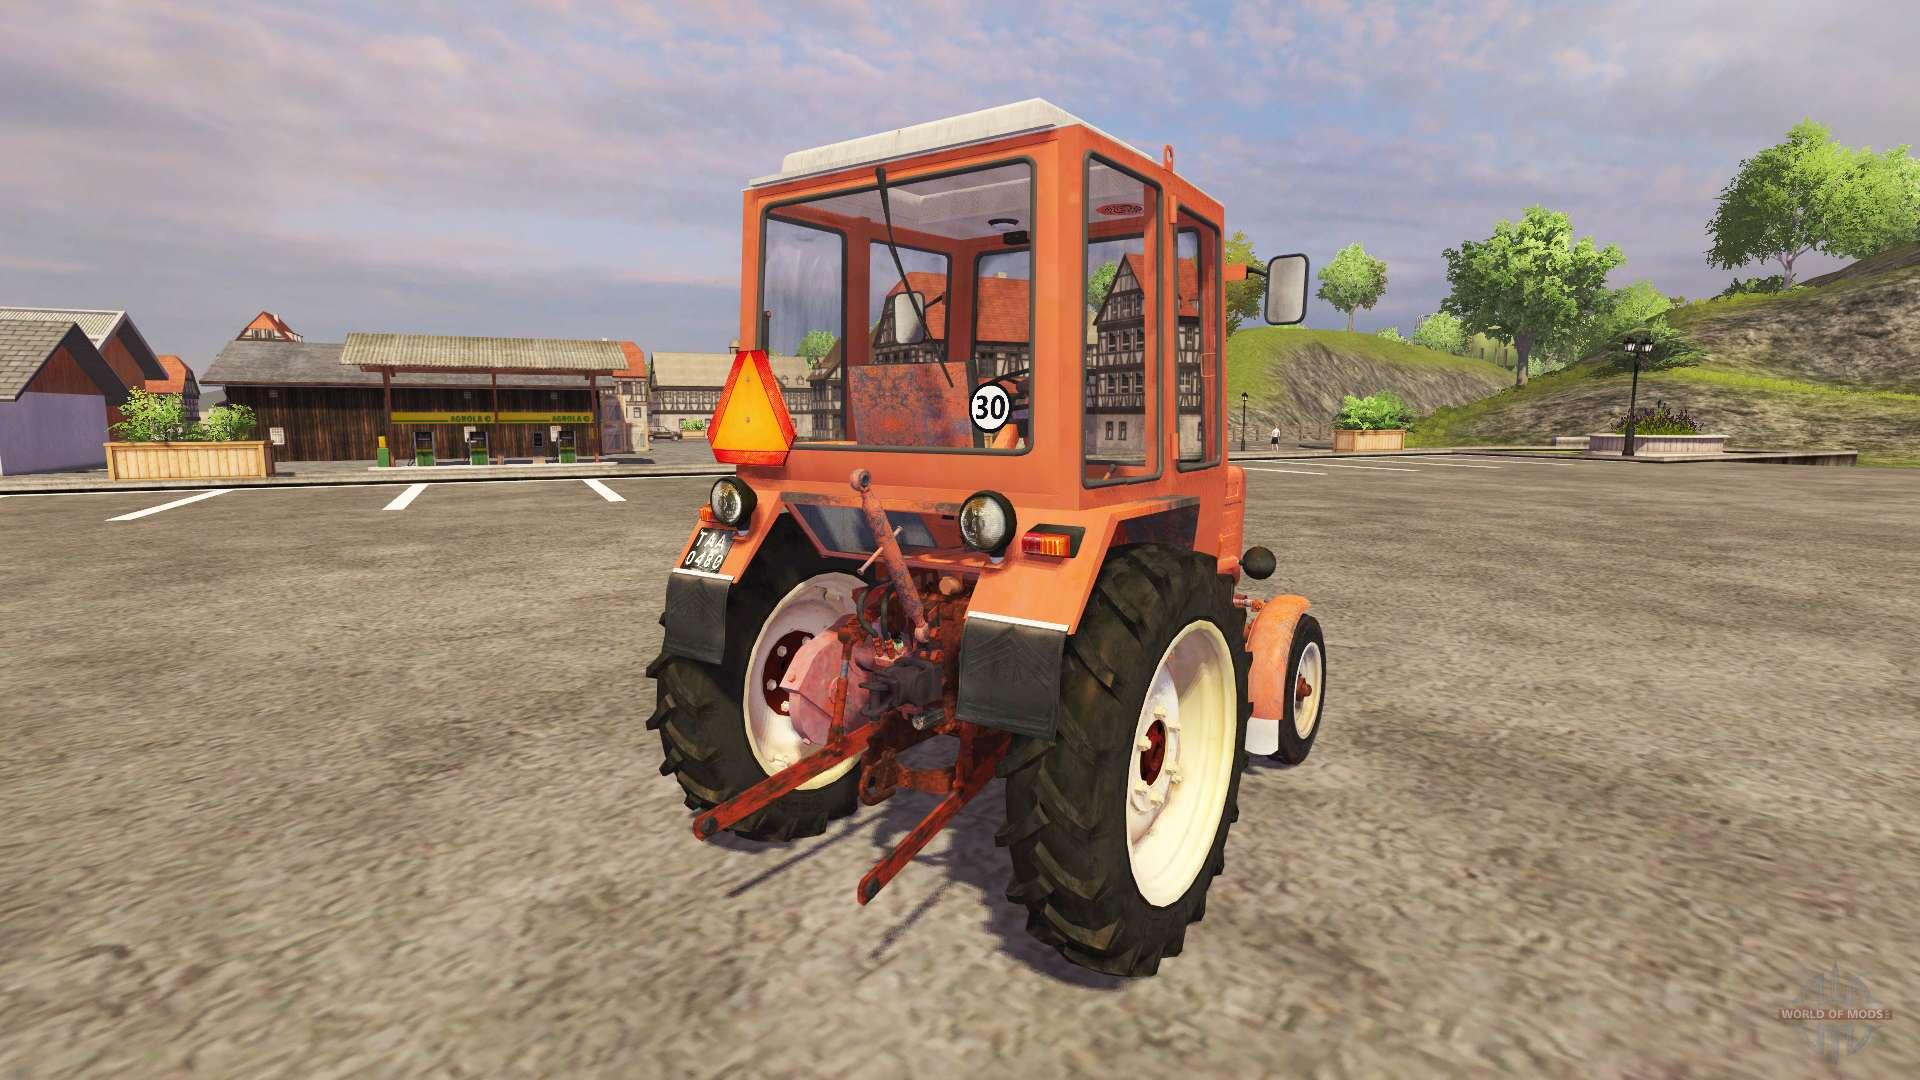 Трактор мтз-82 в Владимирской области. Цена 550 рублей